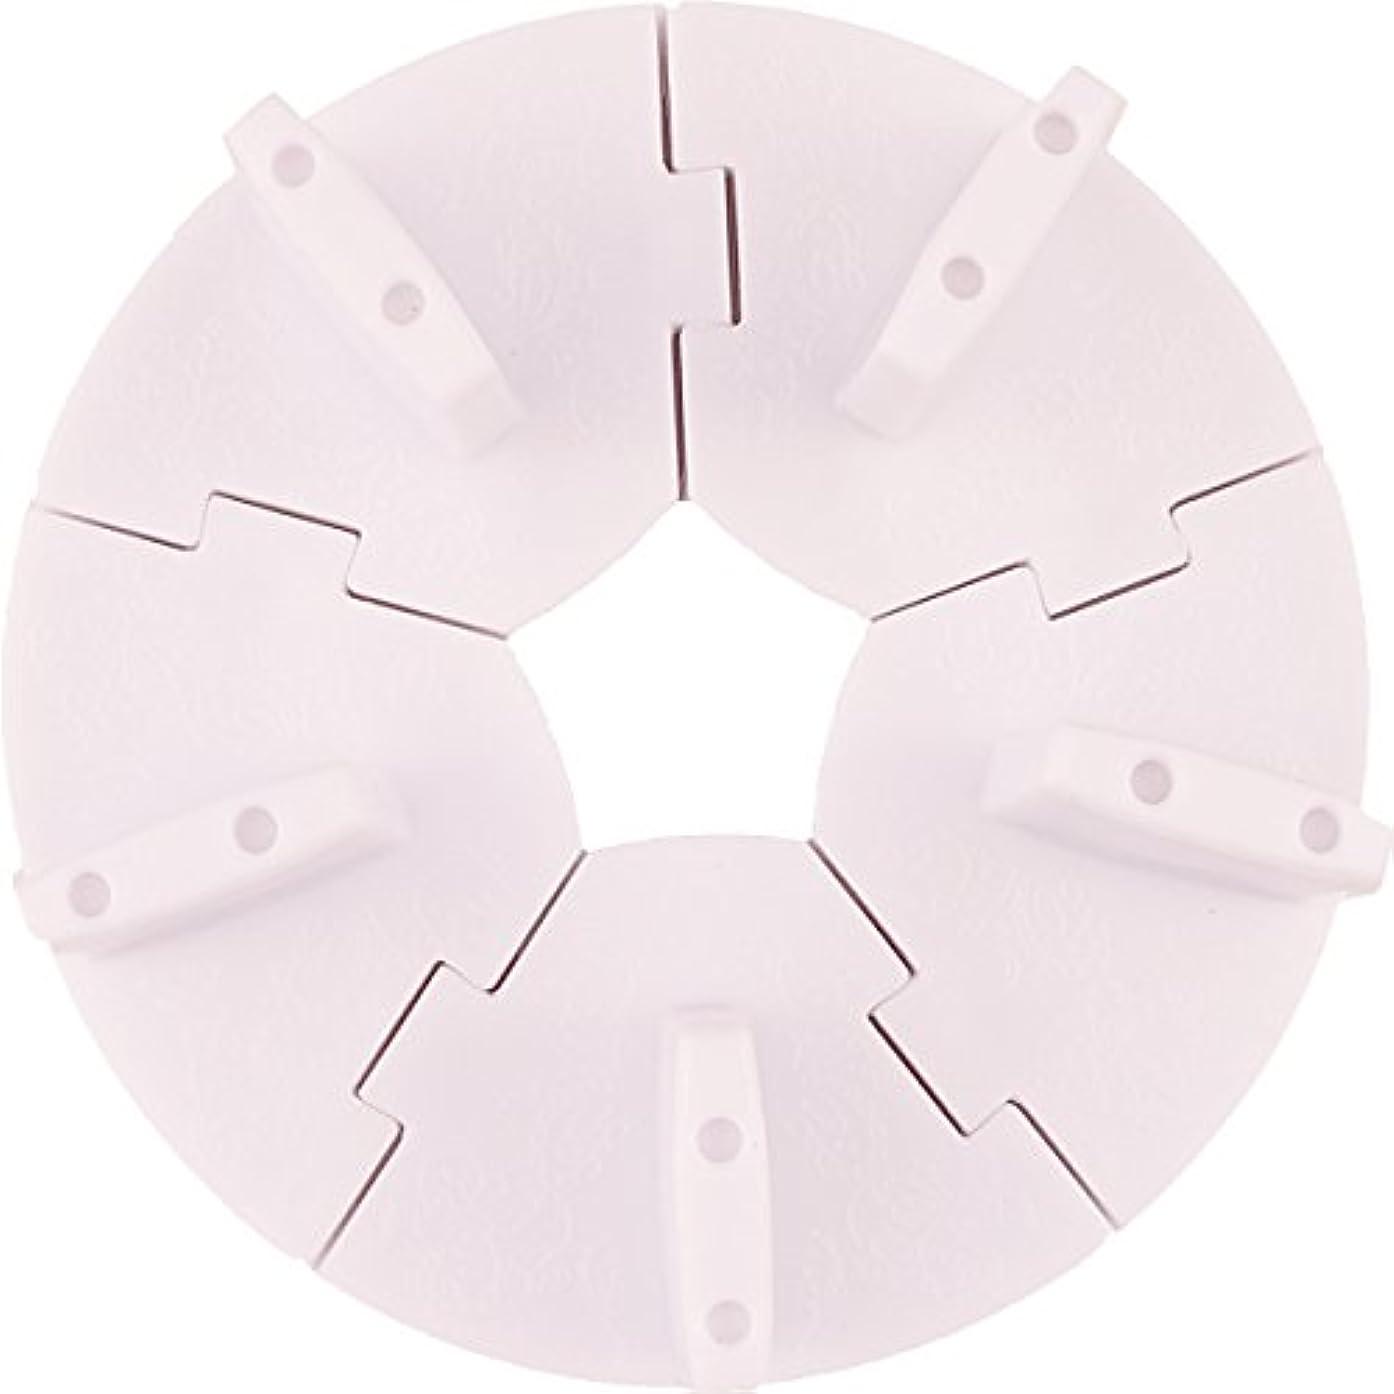 クラシックベース農業のネイル チップスタンド 固定チップ5個付き (ホワイト)